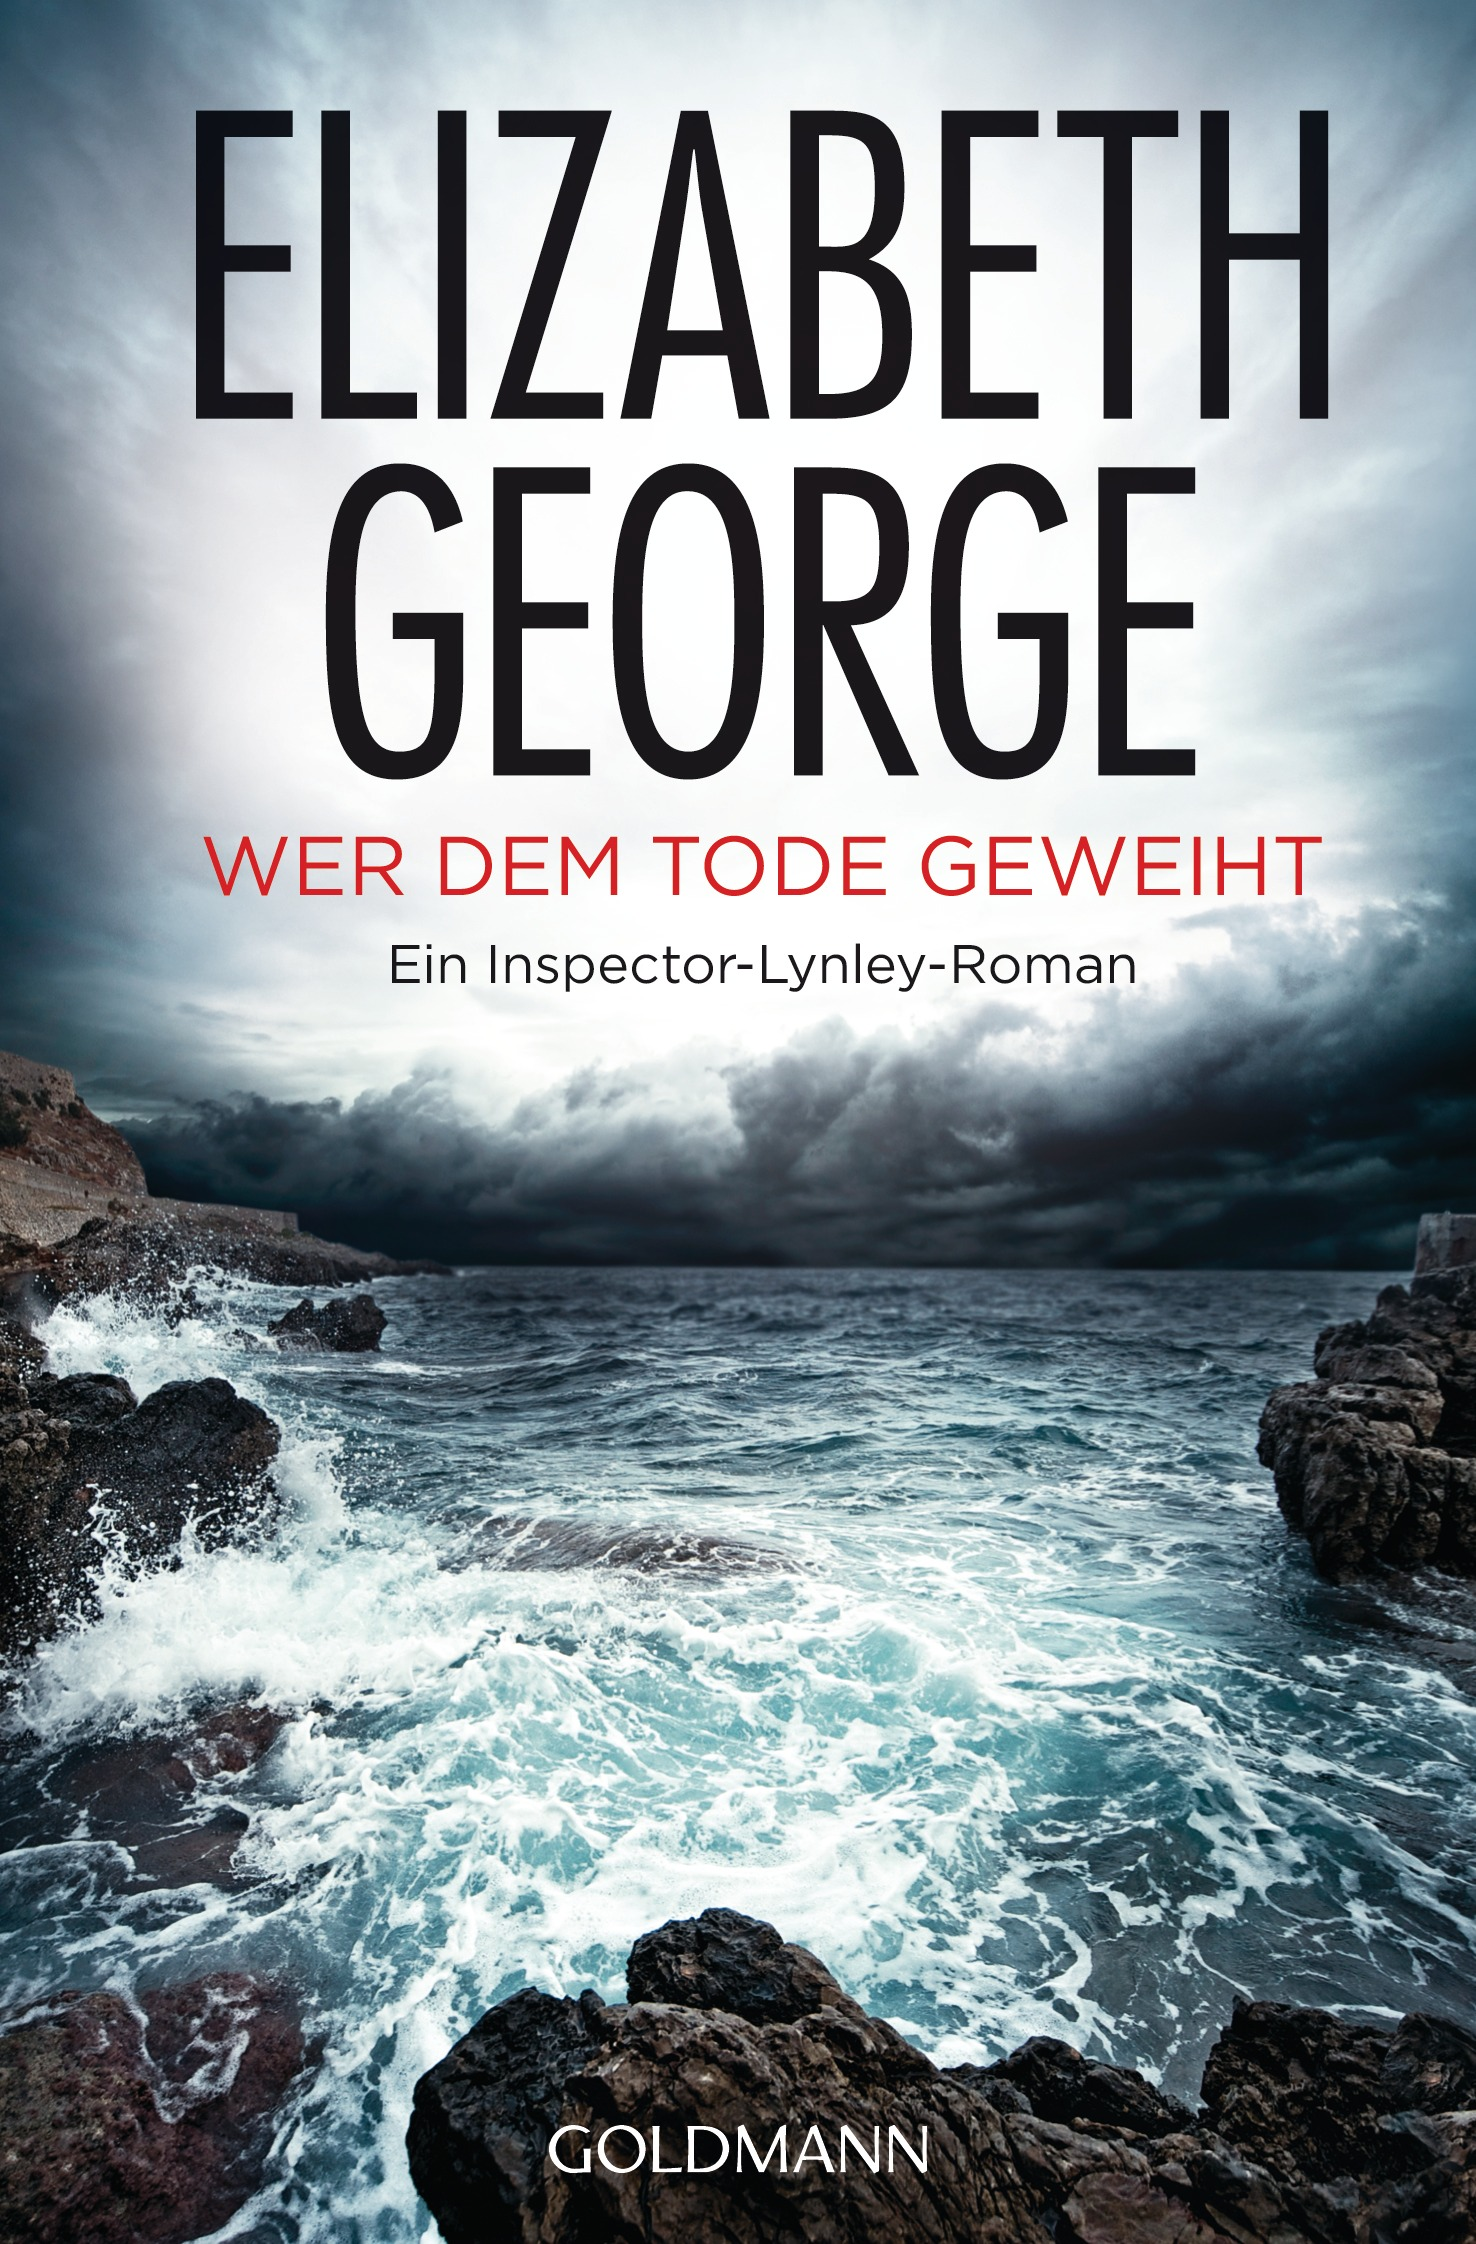 Wer dem Tode geweiht: Ein Inspector-Lynley-Roman - Elizabeth George